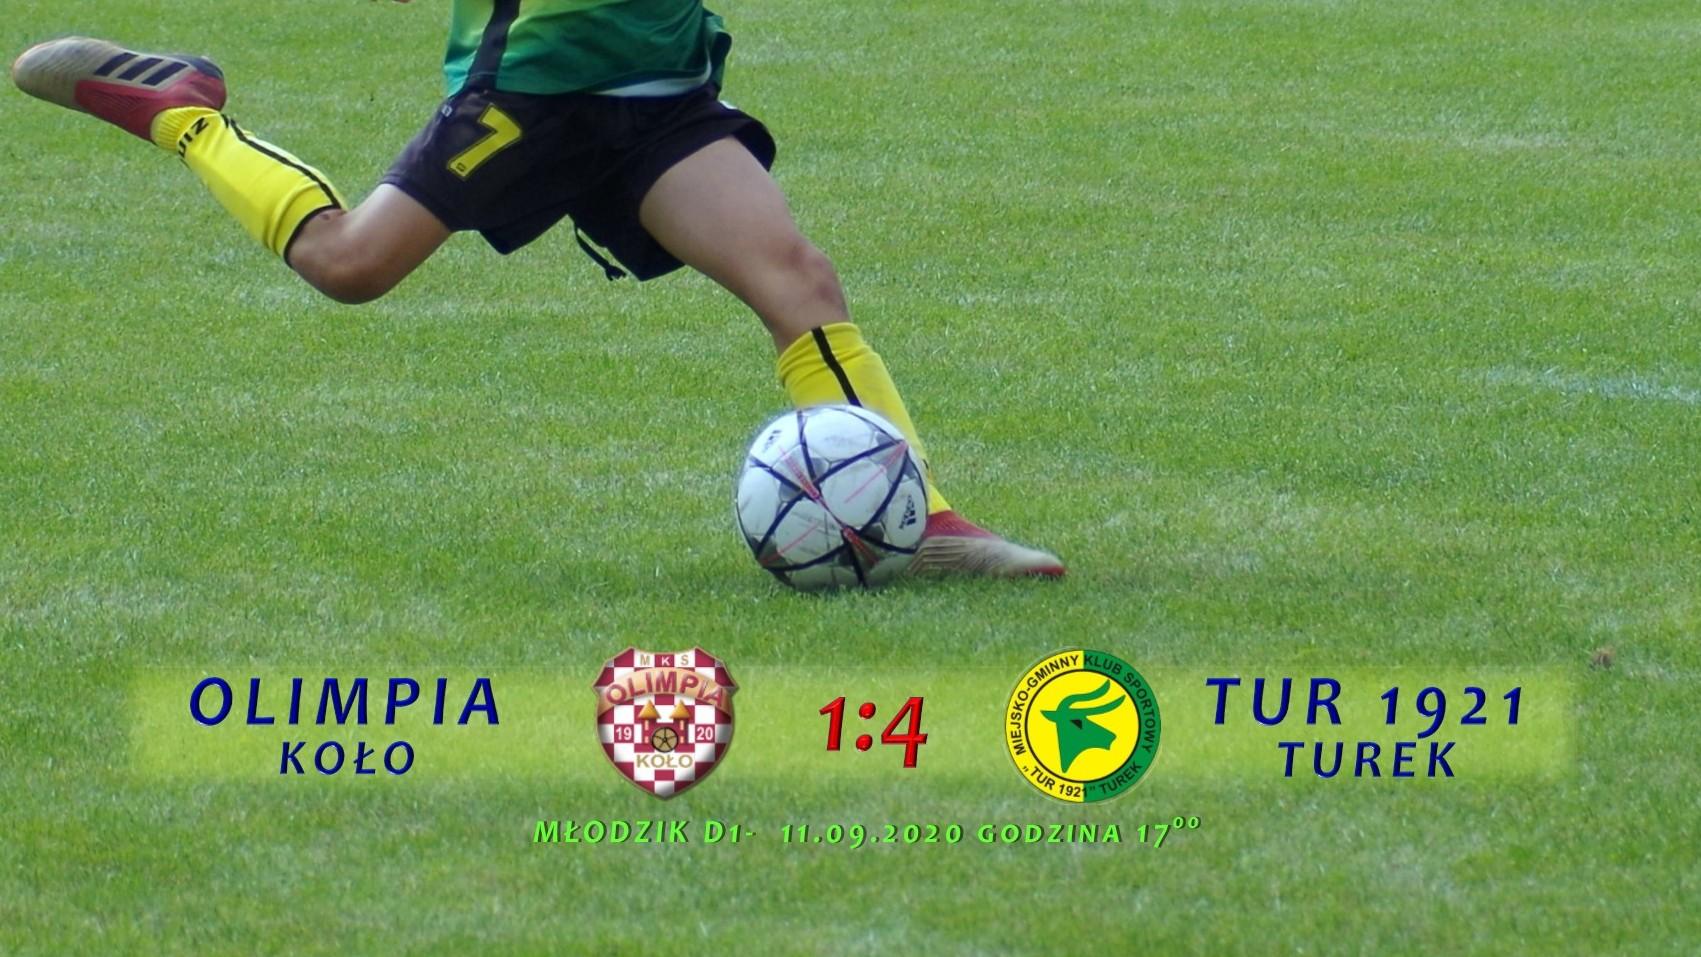 Olimpia Koło- Tur 1921 Turek 1:4, D1